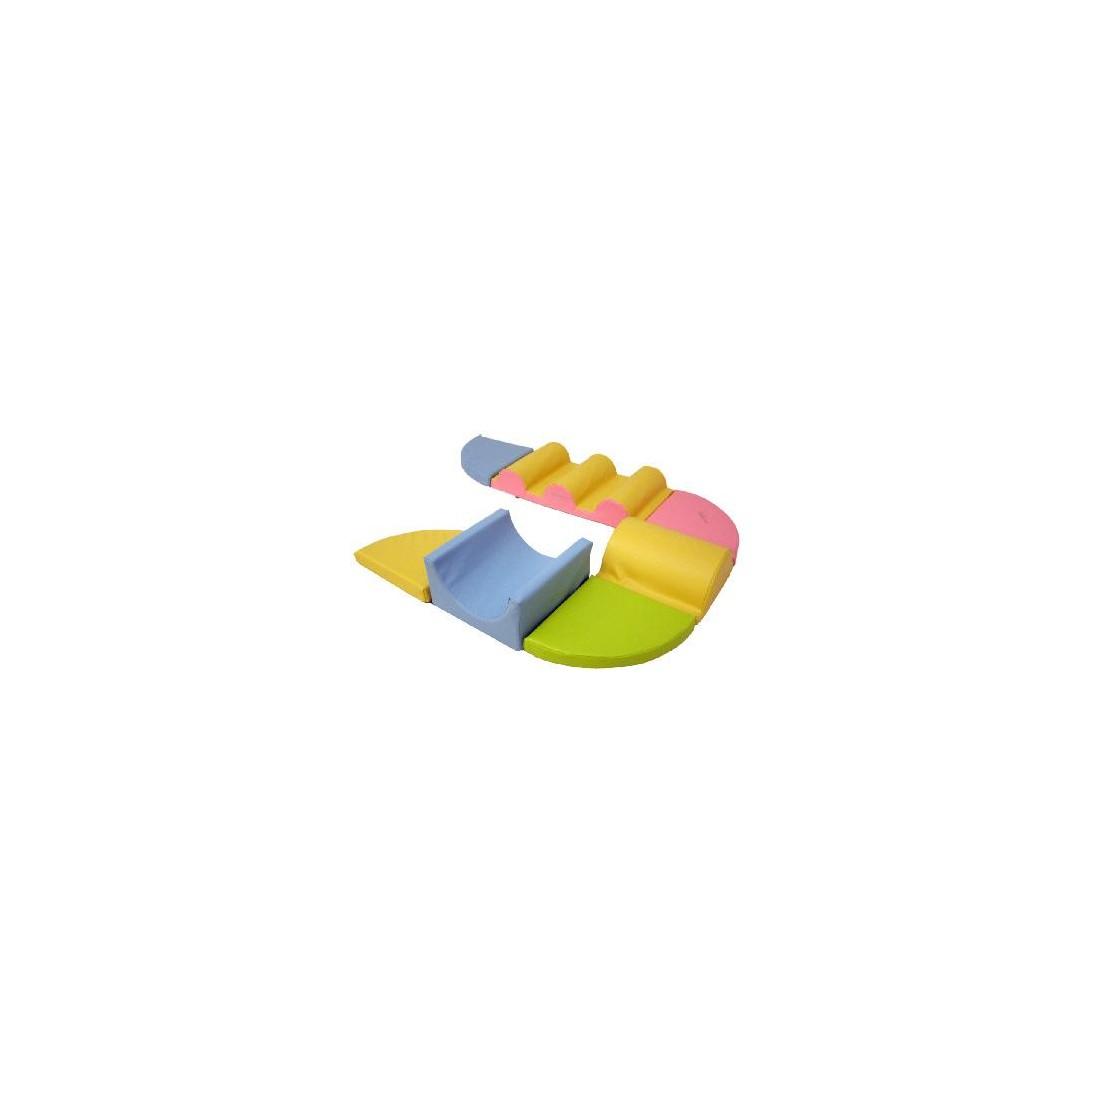 Kit équilibre Sarneige de motricité bébé. Kit ensemble de modules de motricité en mousse bébé Sarneige.